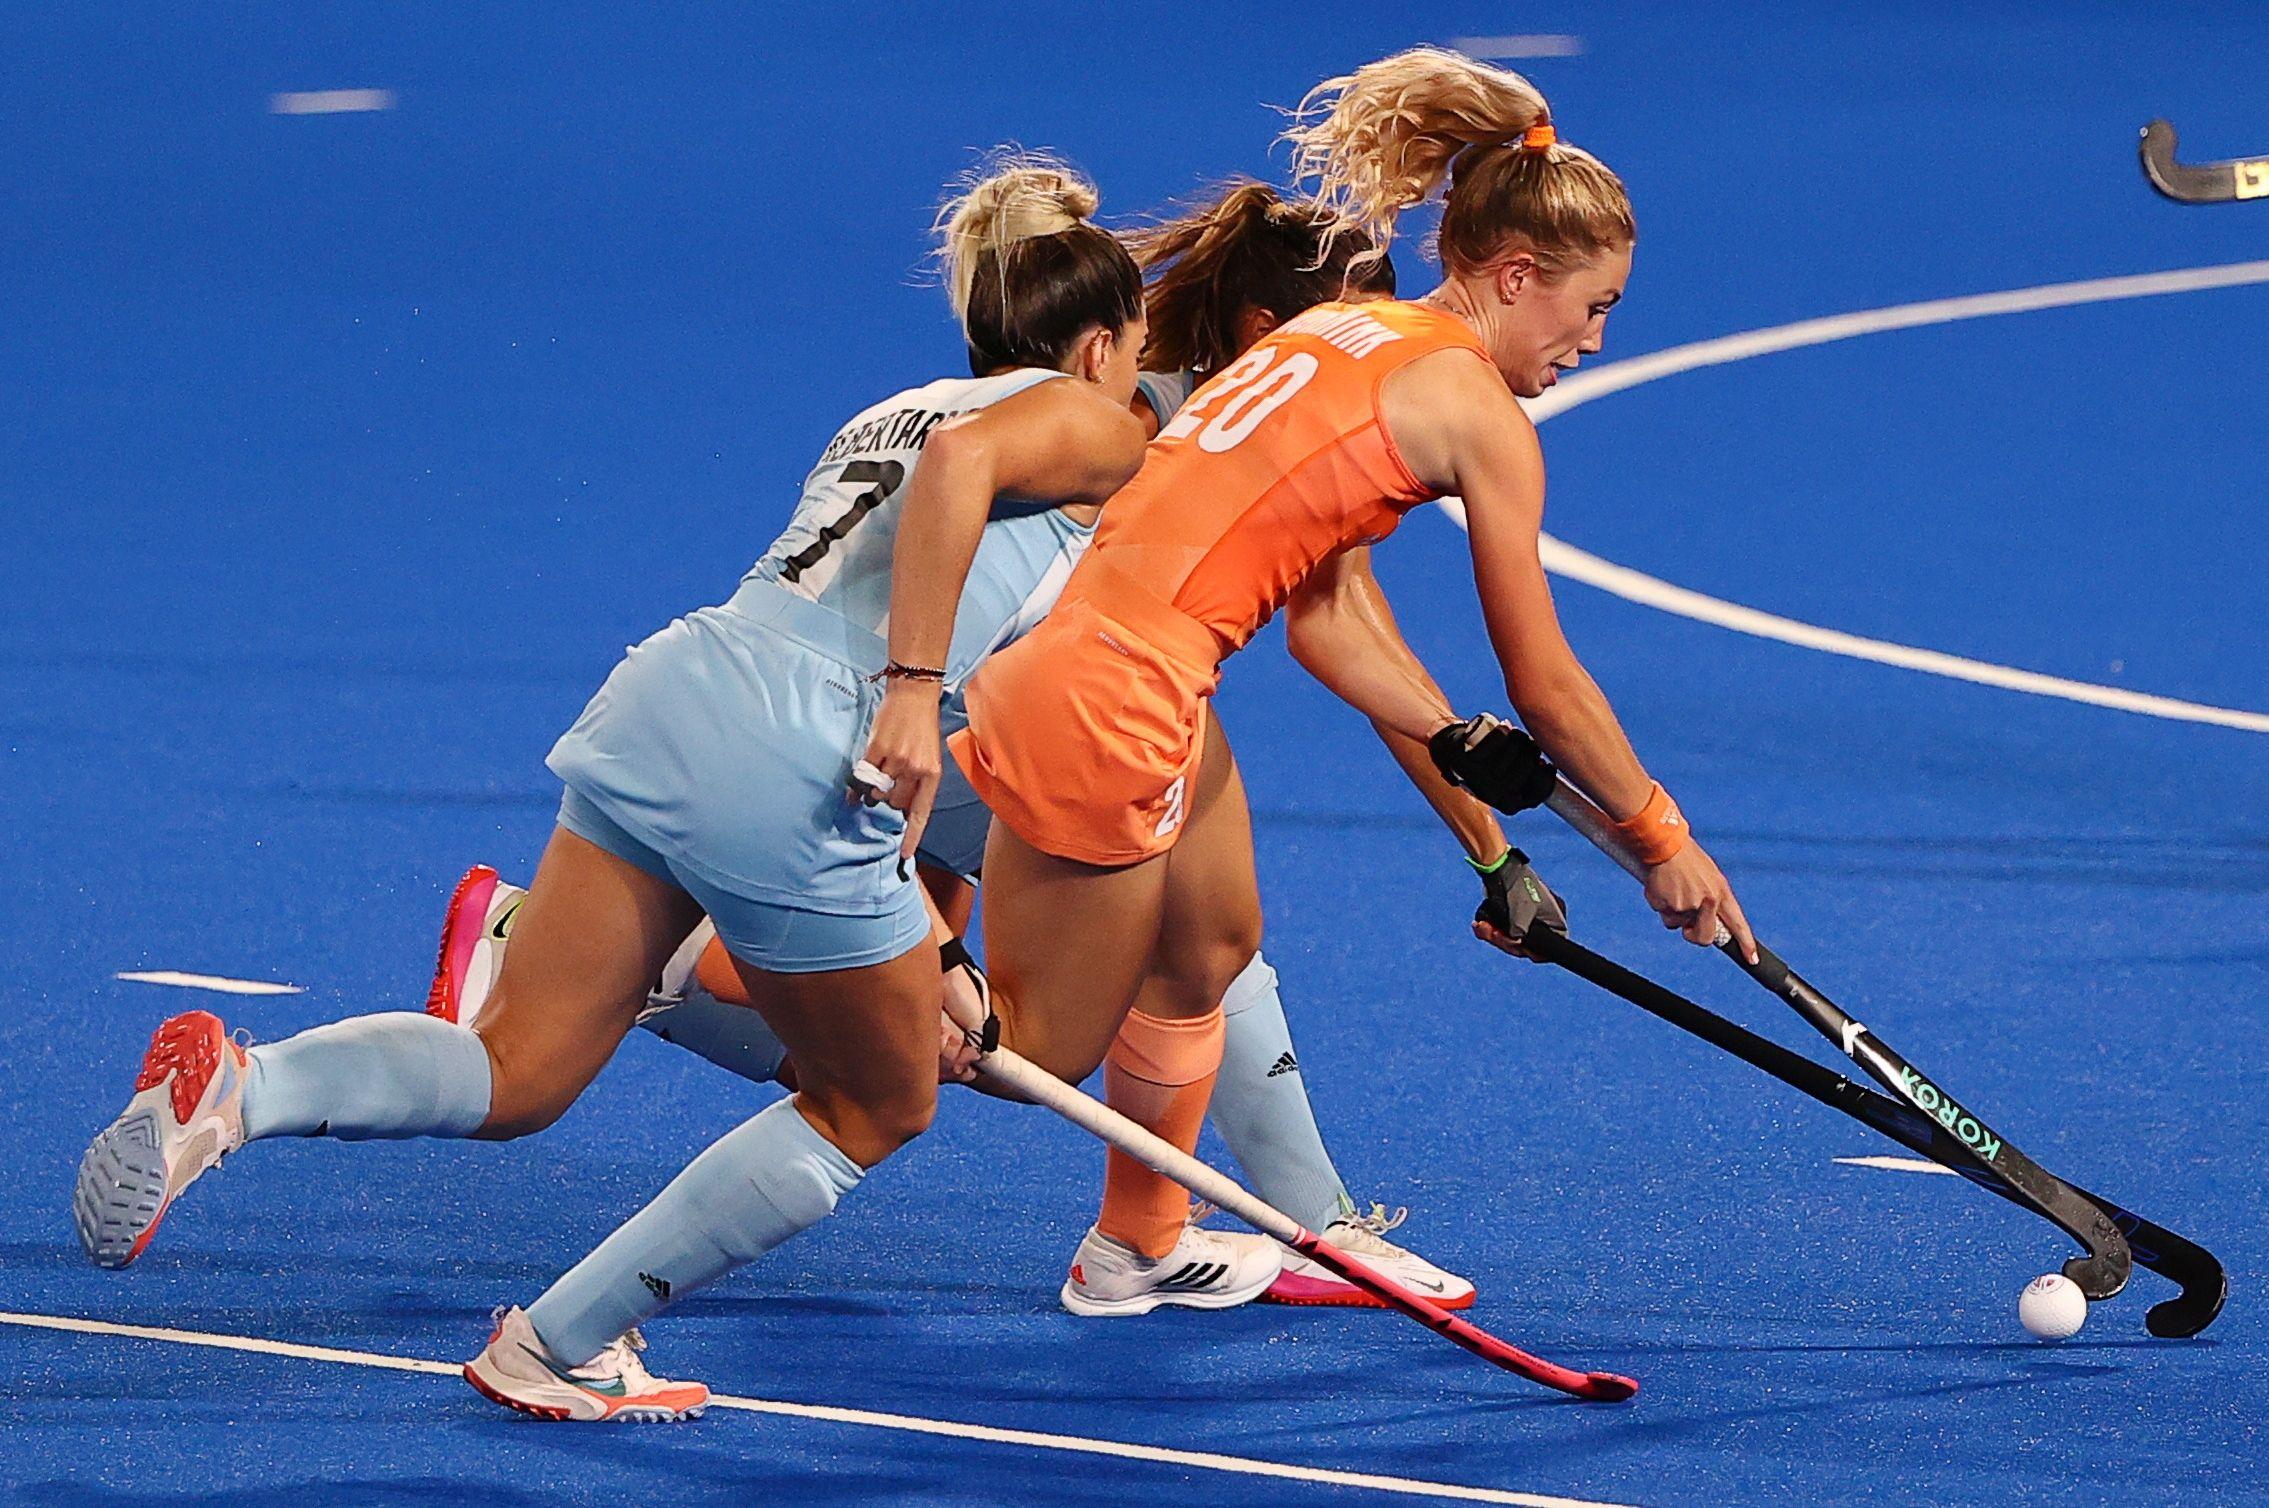 Otro gol de Países Bajos: ahora le gana 2 a 0 a la Argentina